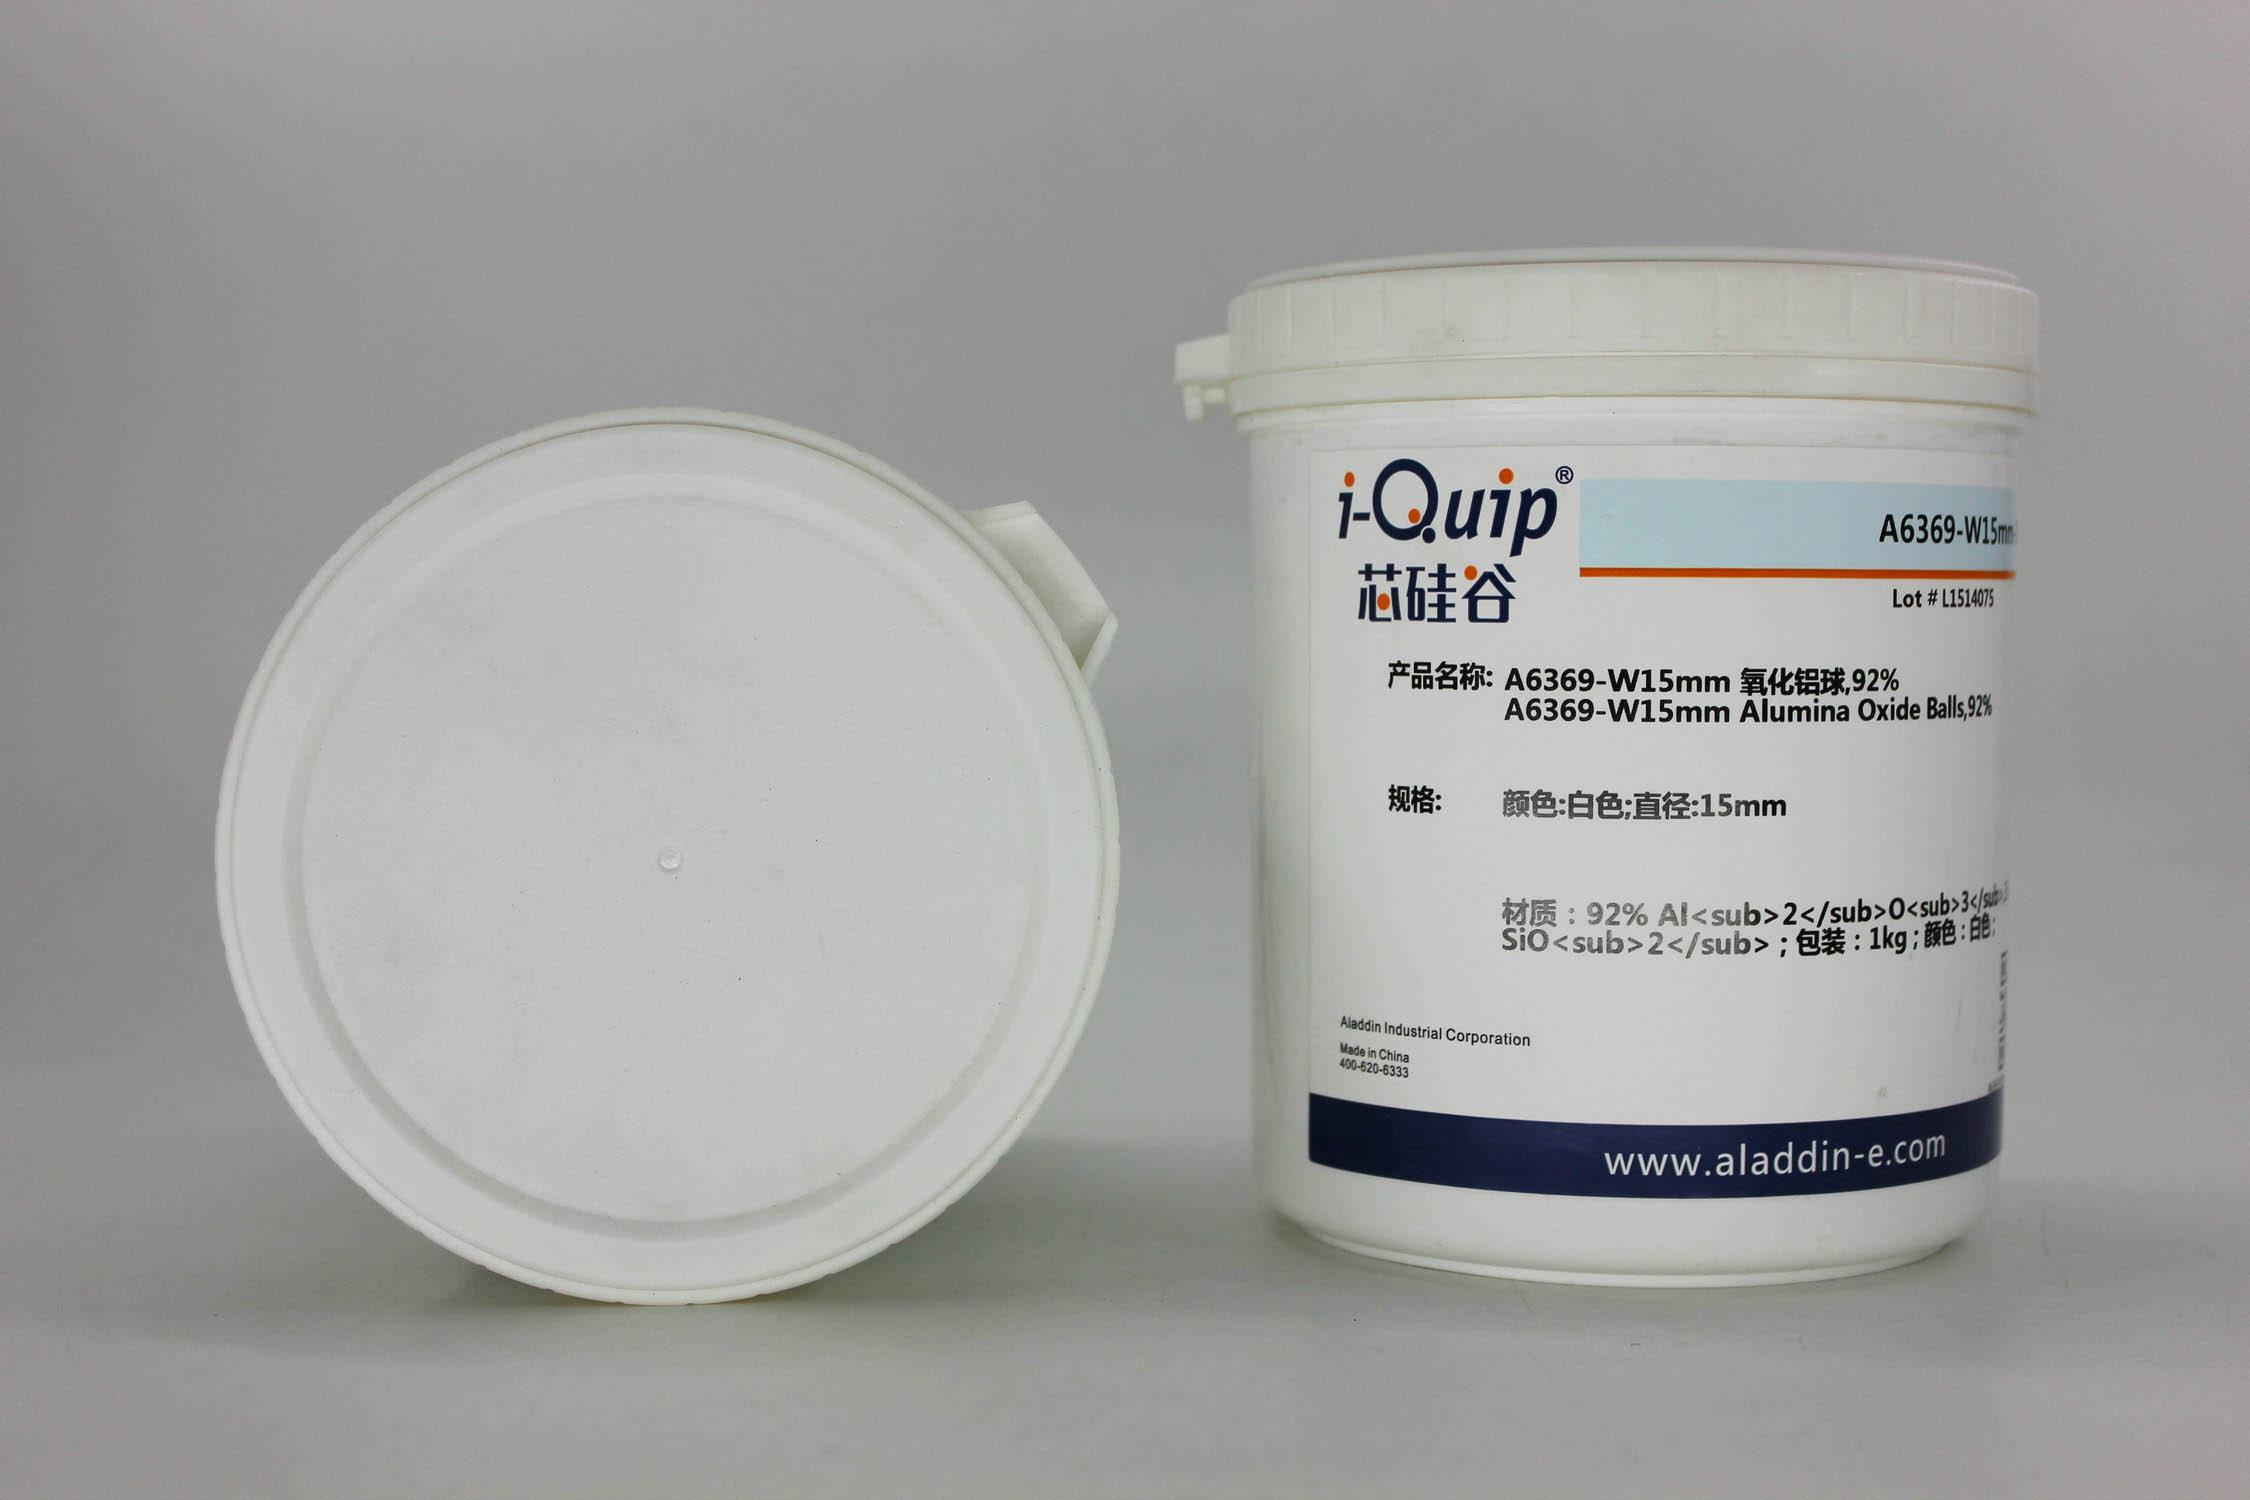 芯硅谷研磨球 A6369 氧化铝球,92%,实验室研磨球,直径1.5-40mm